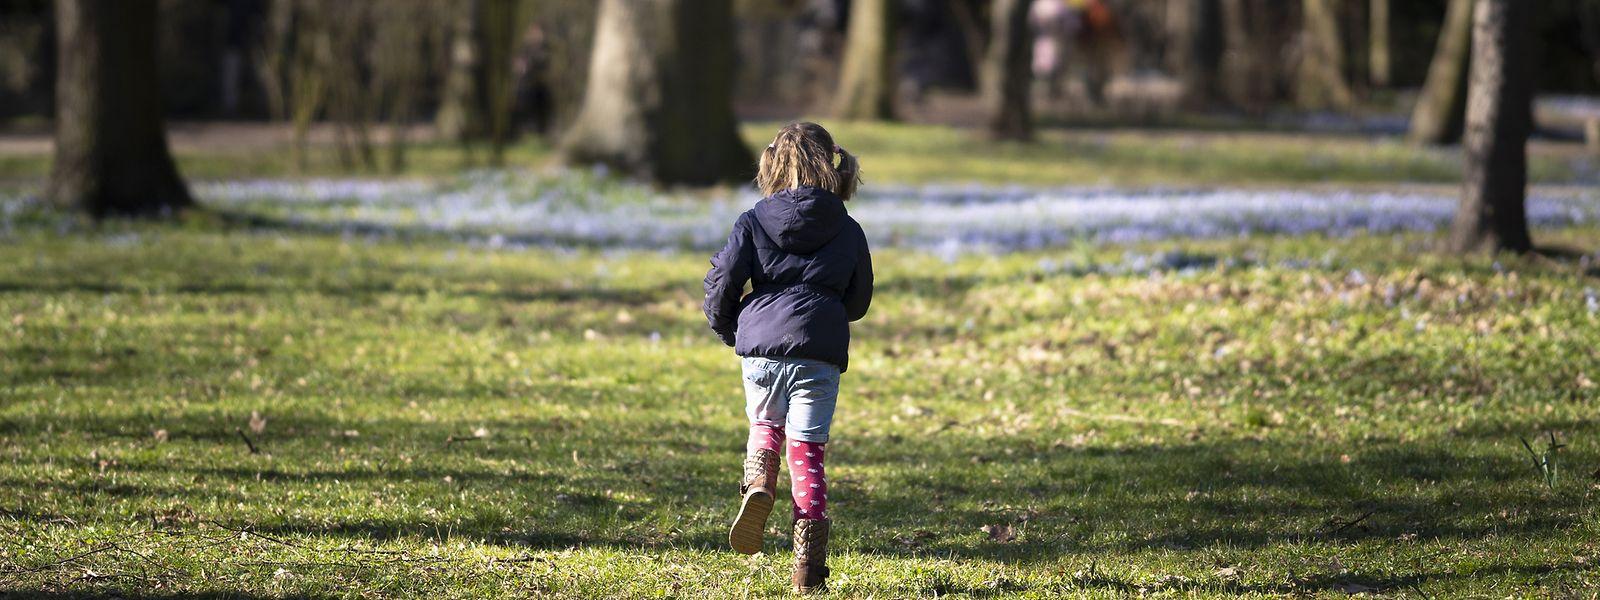 Wer ist als Erster hinten am Baum? Solche Spiele motivieren Kinder oft mehr als schnödes Spazierengehen.